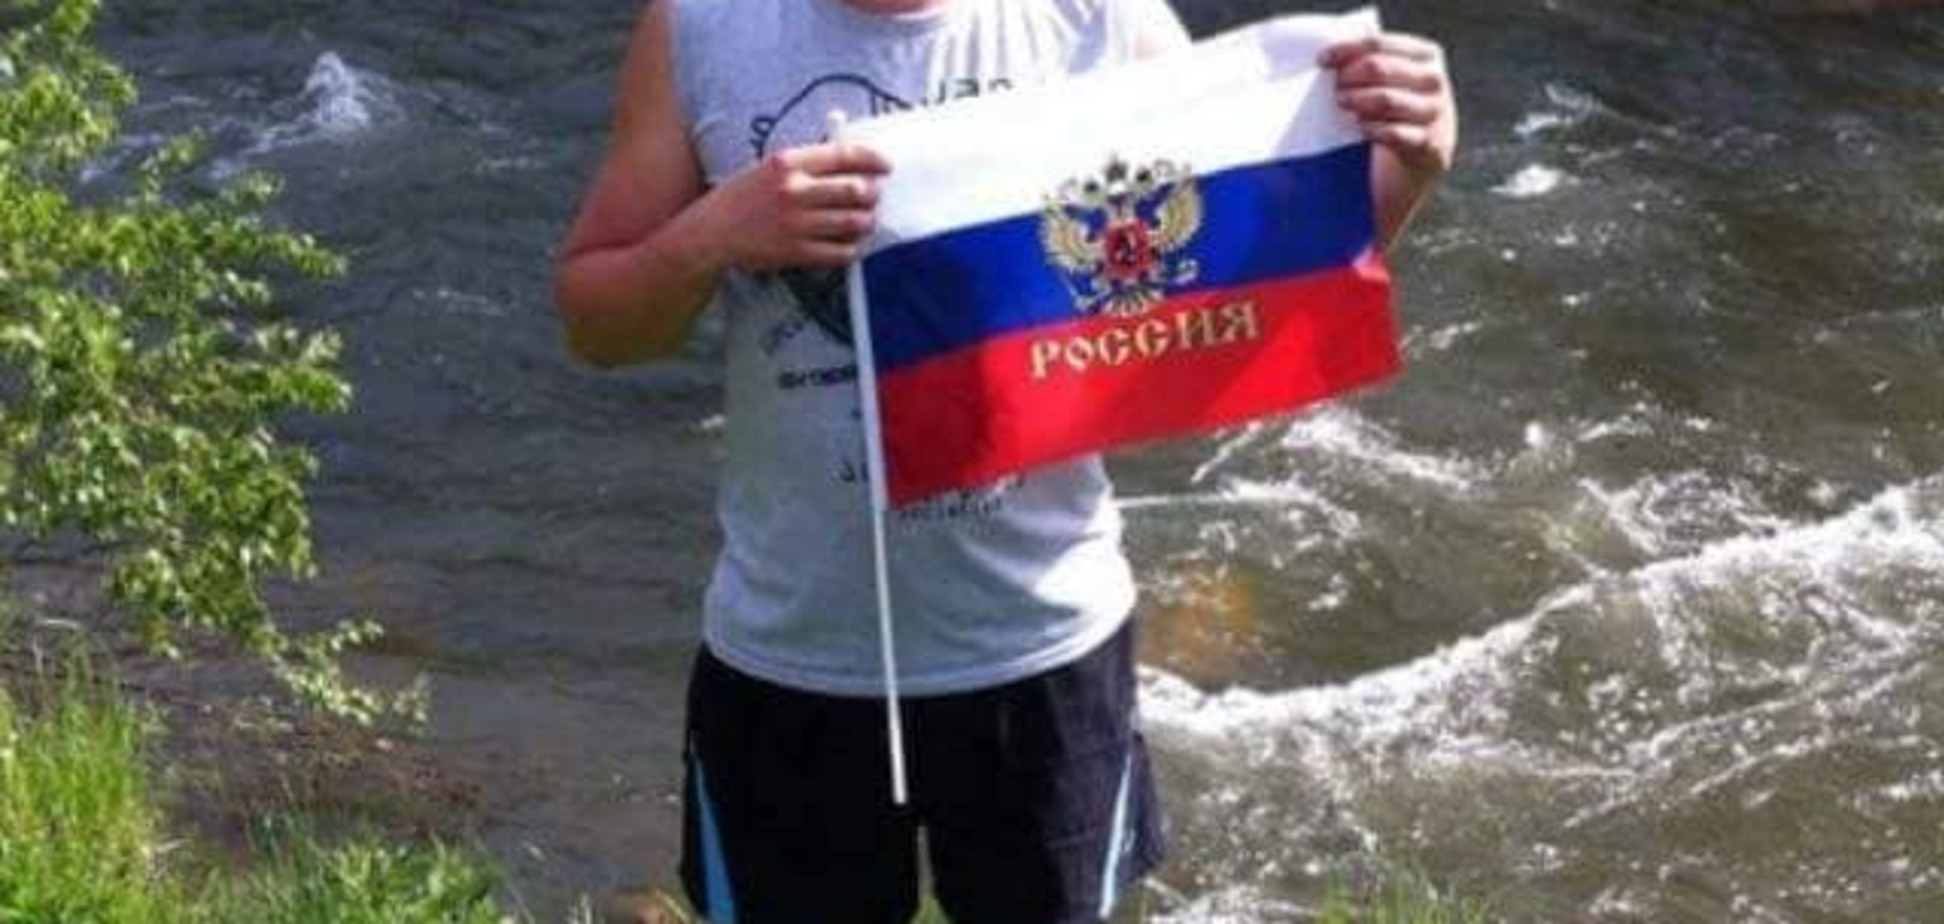 Кричить 'укропи передасти': в мережі зробили відомим сепаратиста з Донбасу